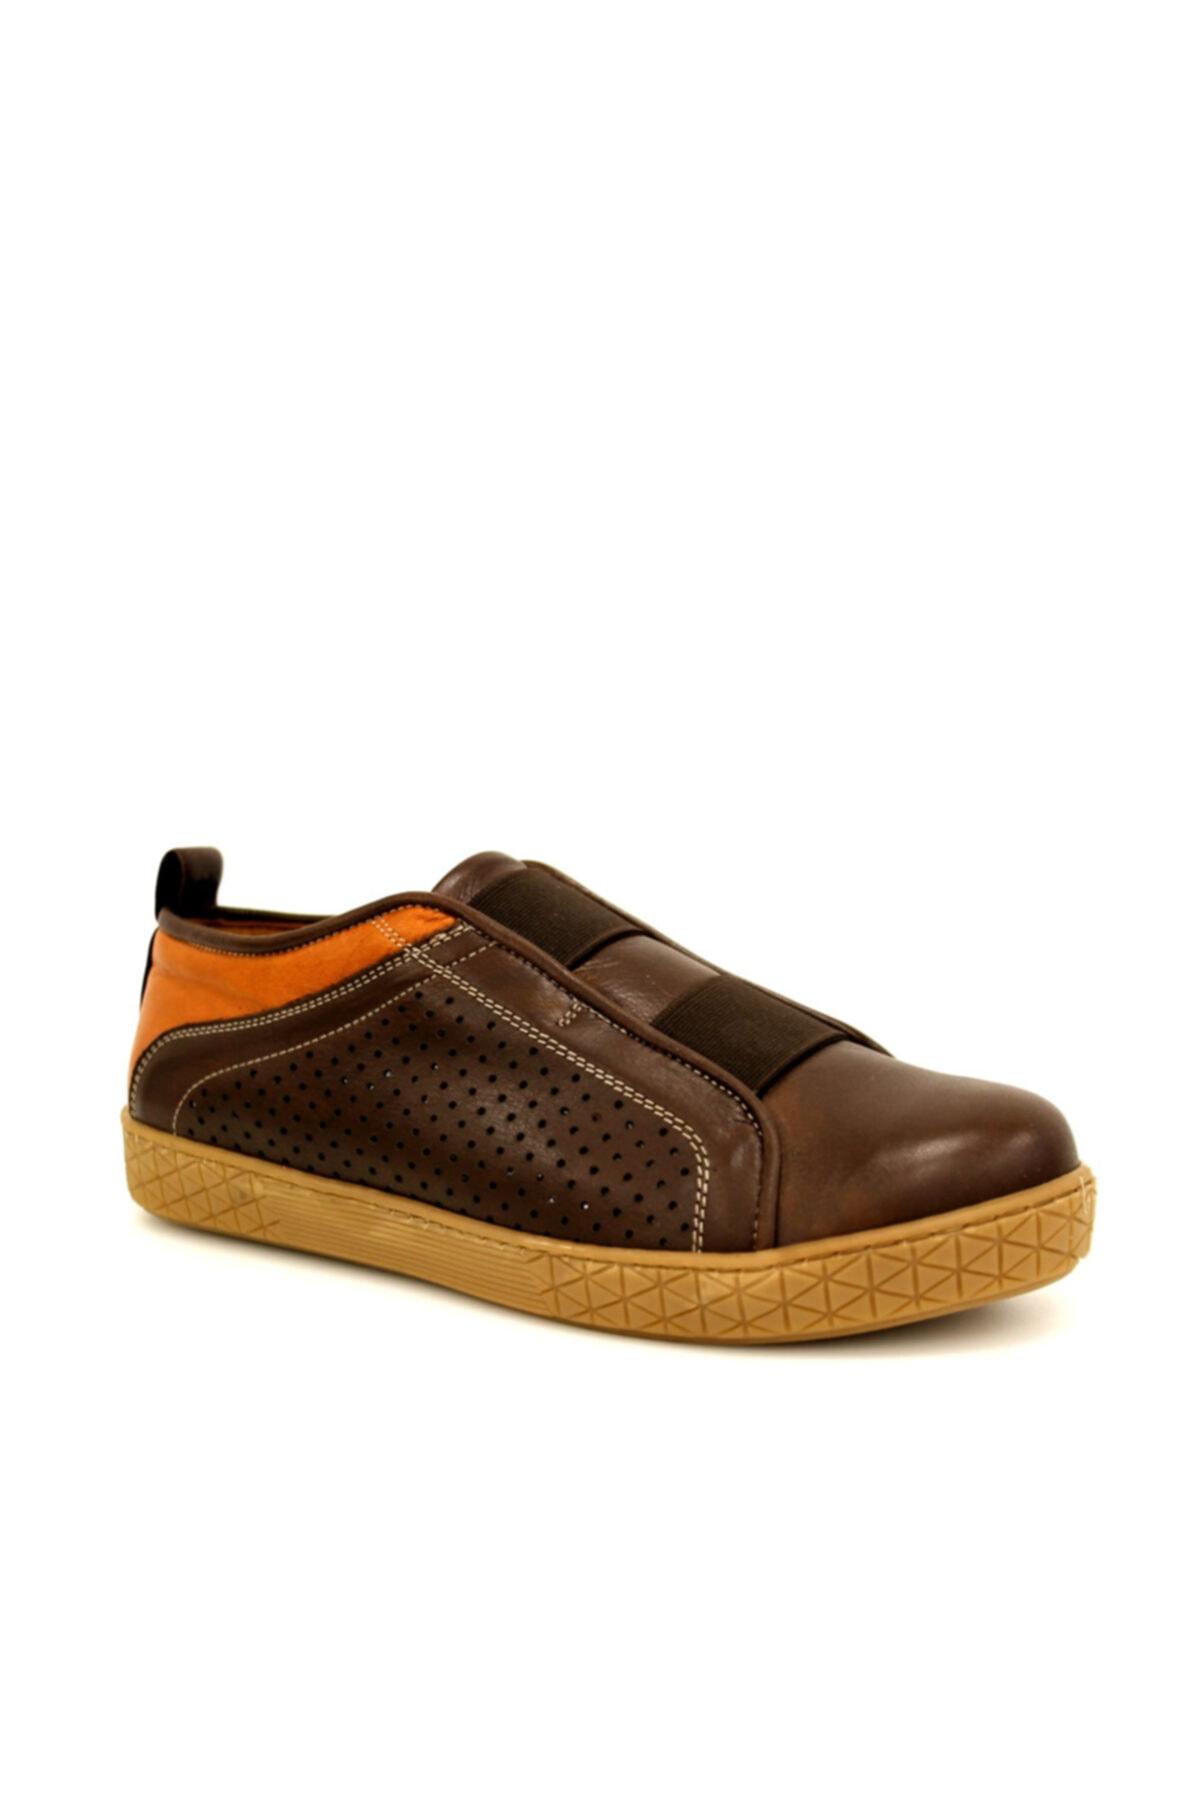 Beta Shoes Kadın Hakiki Deri Casual Ayakkabı Kahve 1